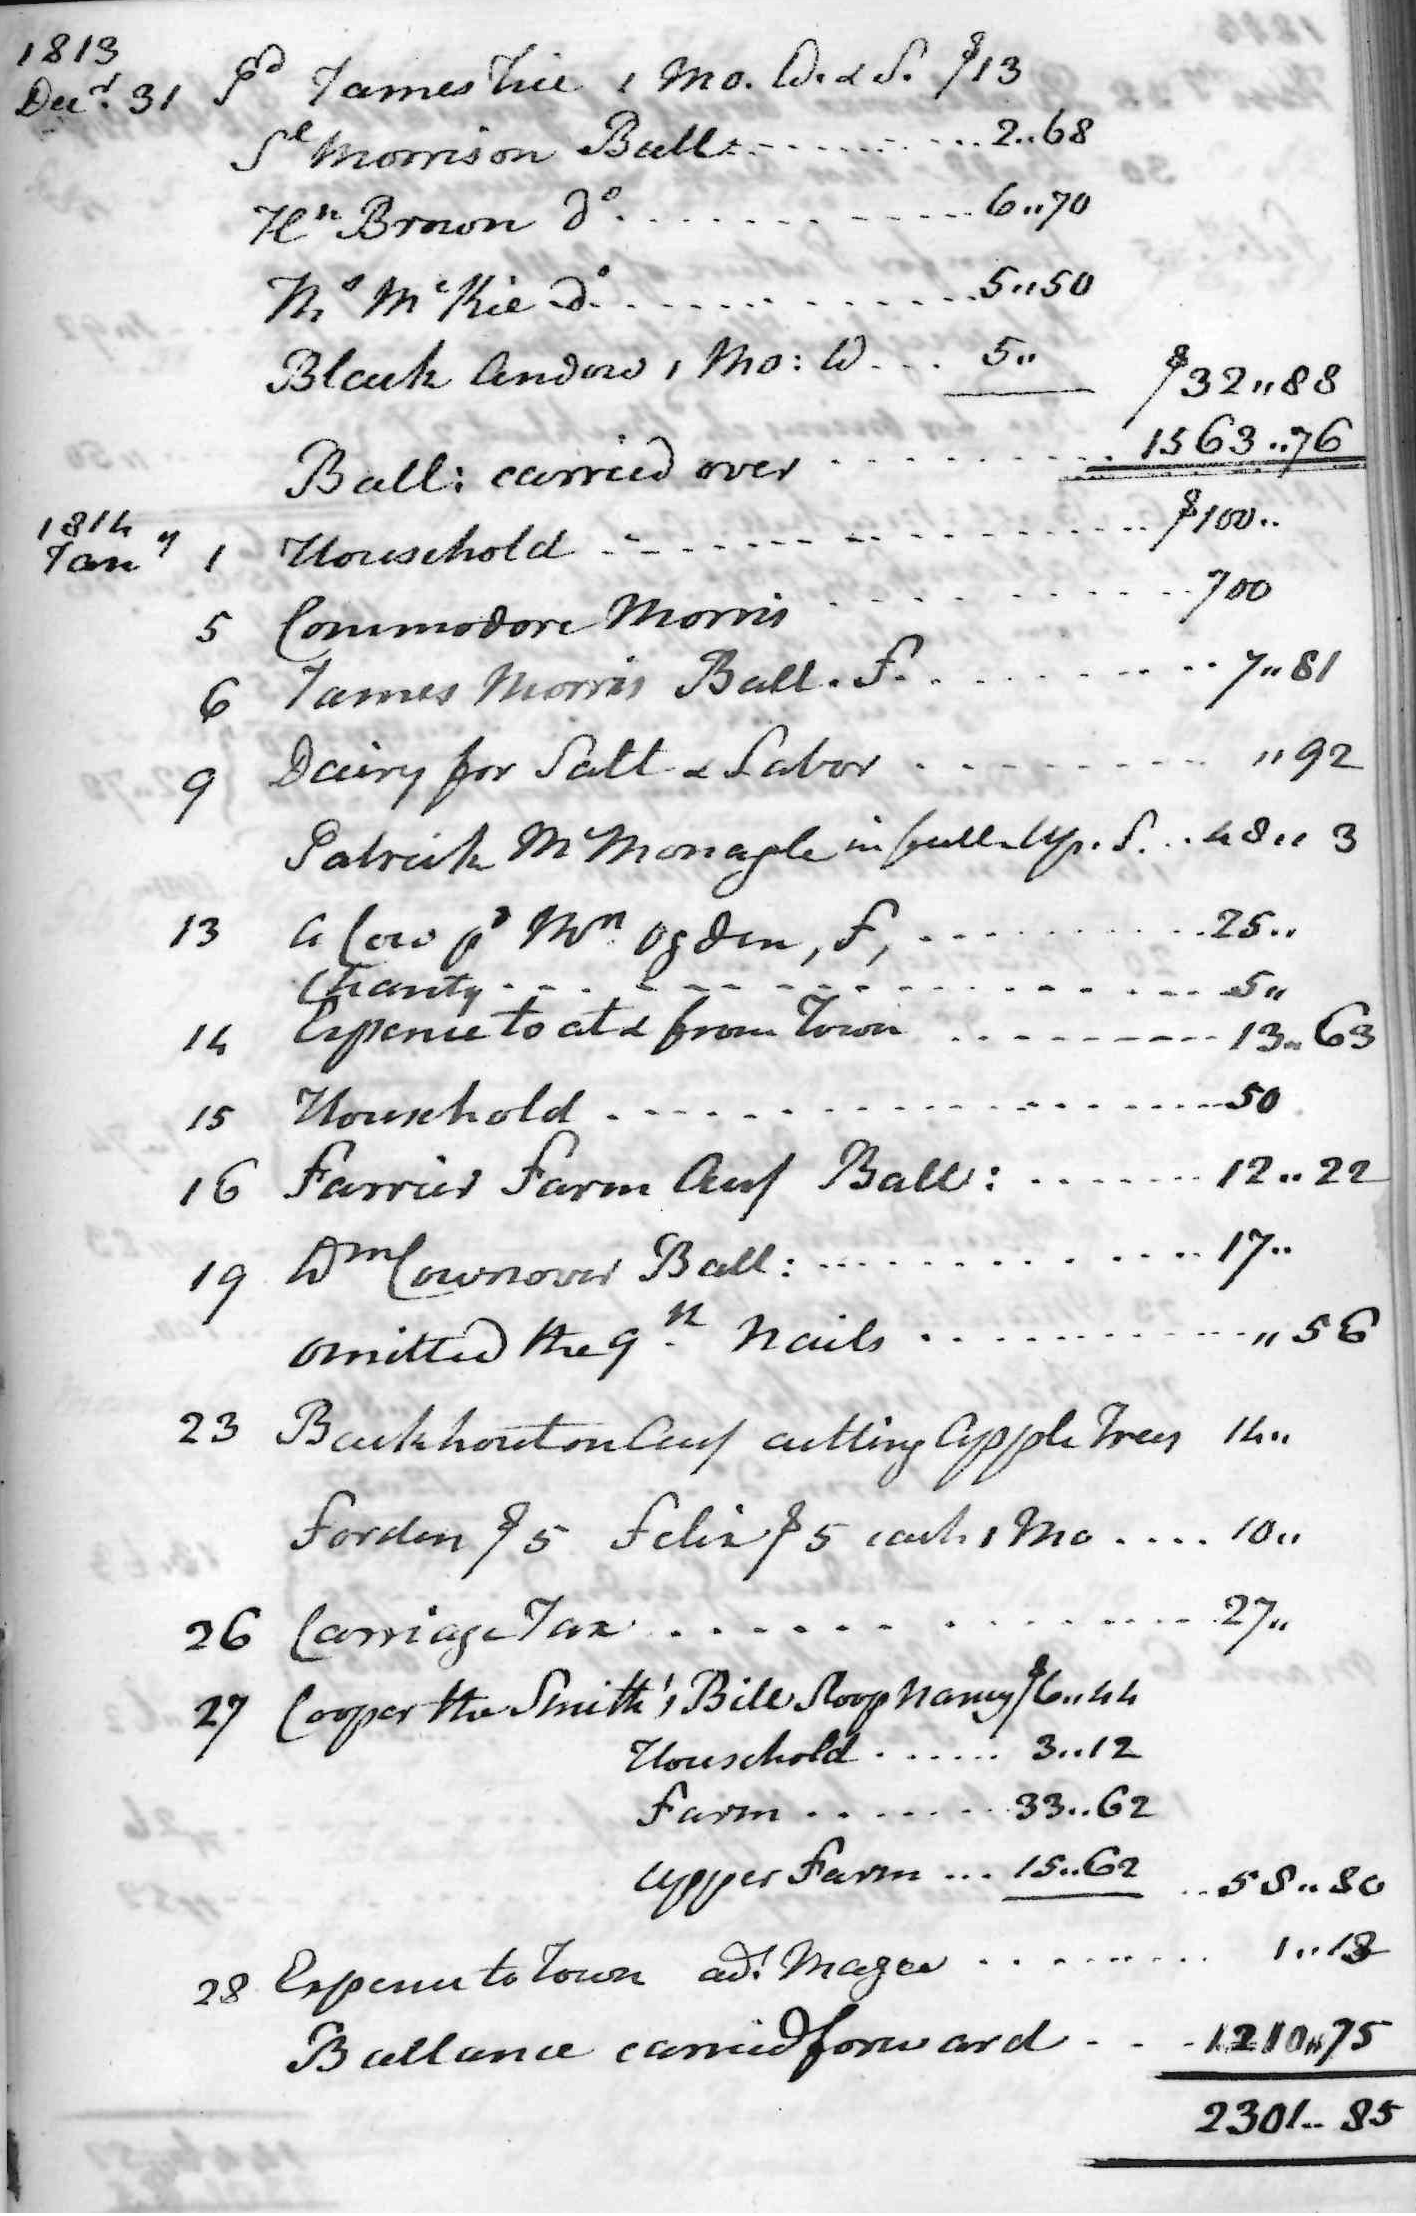 Gouverneur Morris Cash Book, folio 26, right side